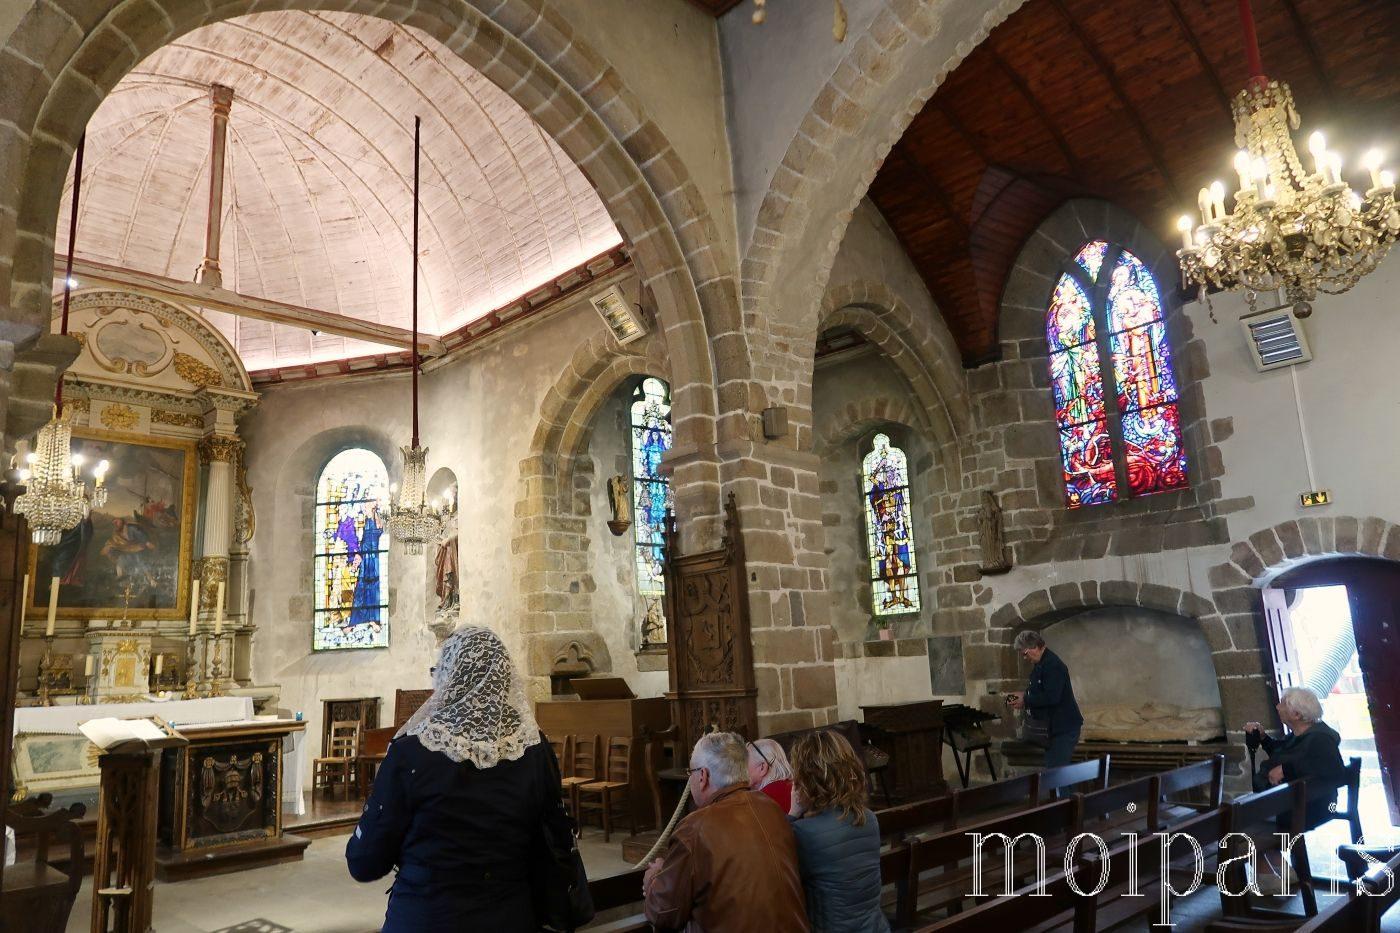 モンサンミッシェル、サンピエール教会、昼間の様子、ステンドグラスの輝き。